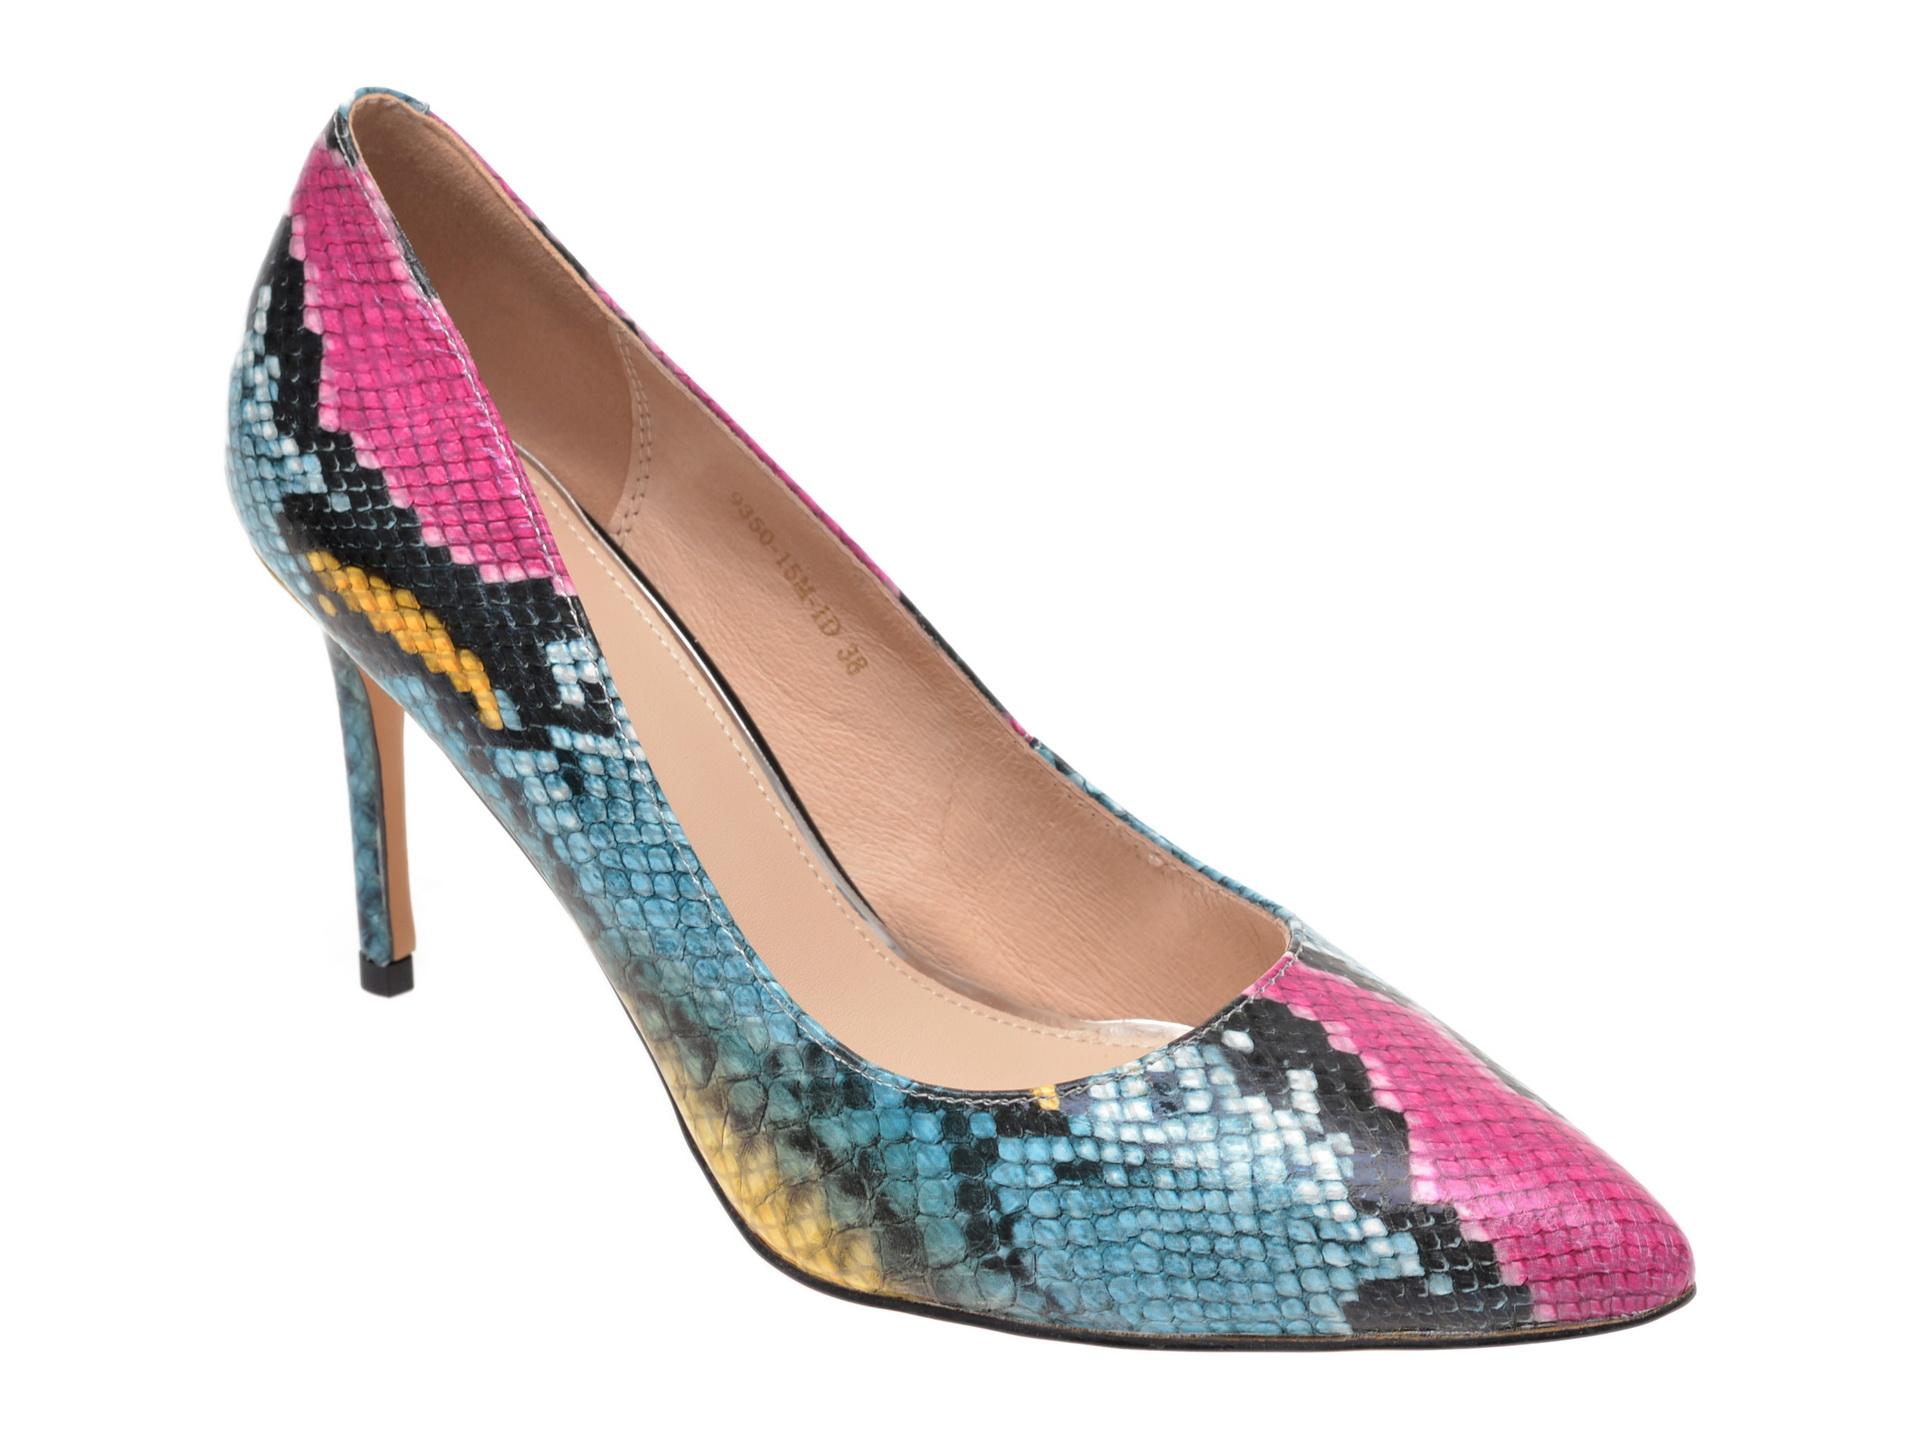 Pantofi EPICA multicolori, 935015, din piele naturala